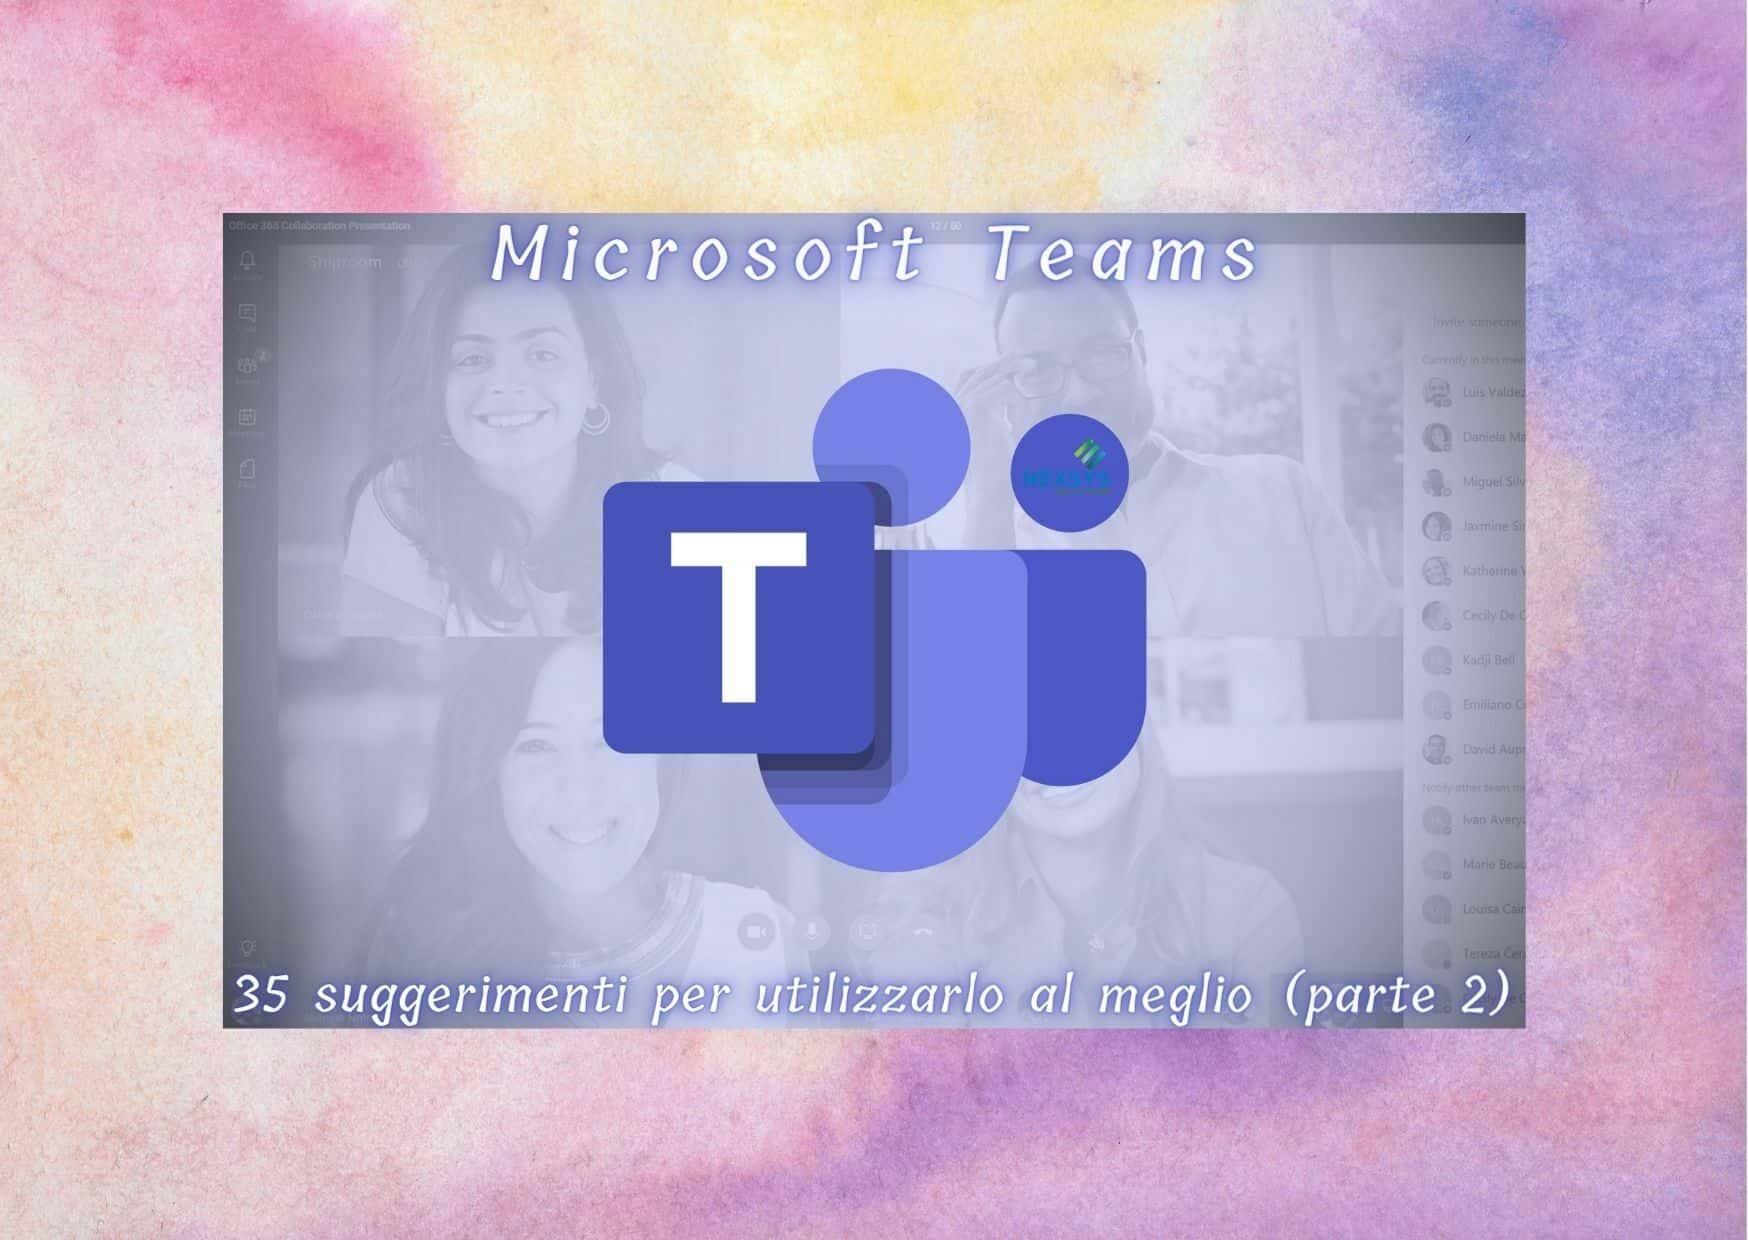 Microsoft Teams: 35 suggerimenti per utilizzarlo al meglio (parte 2)